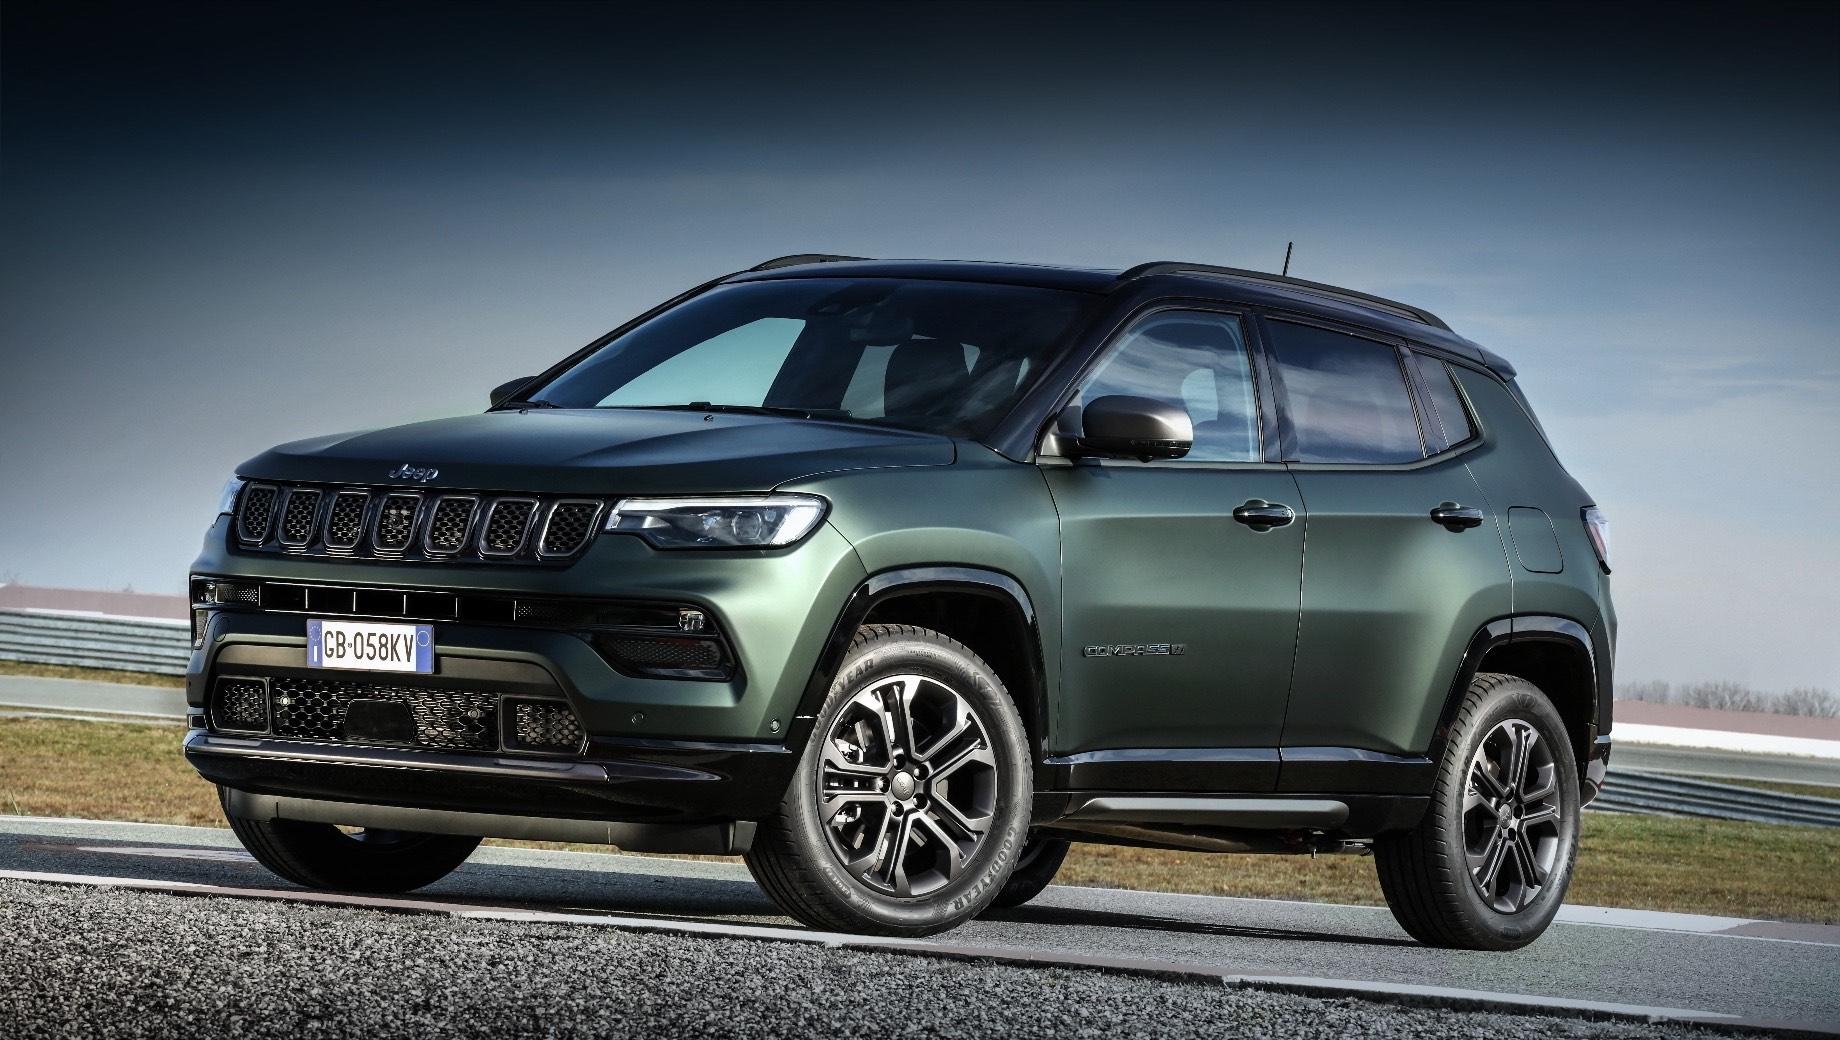 Jeep 80th anniversary,Jeep wrangler,Jeep compass,Jeep gladiator,Jeep renegade,Jeep wrangler 4xe. Предположительно, Compass 2021 модельного года сохранит прежние агрегаты, появившиеся летом 2020 года. Это бензиновый турбомотор 1.3 T-GDI (130 или 150 л.с., 270 Н•м) и гибридная установка (190 или 240 сил).